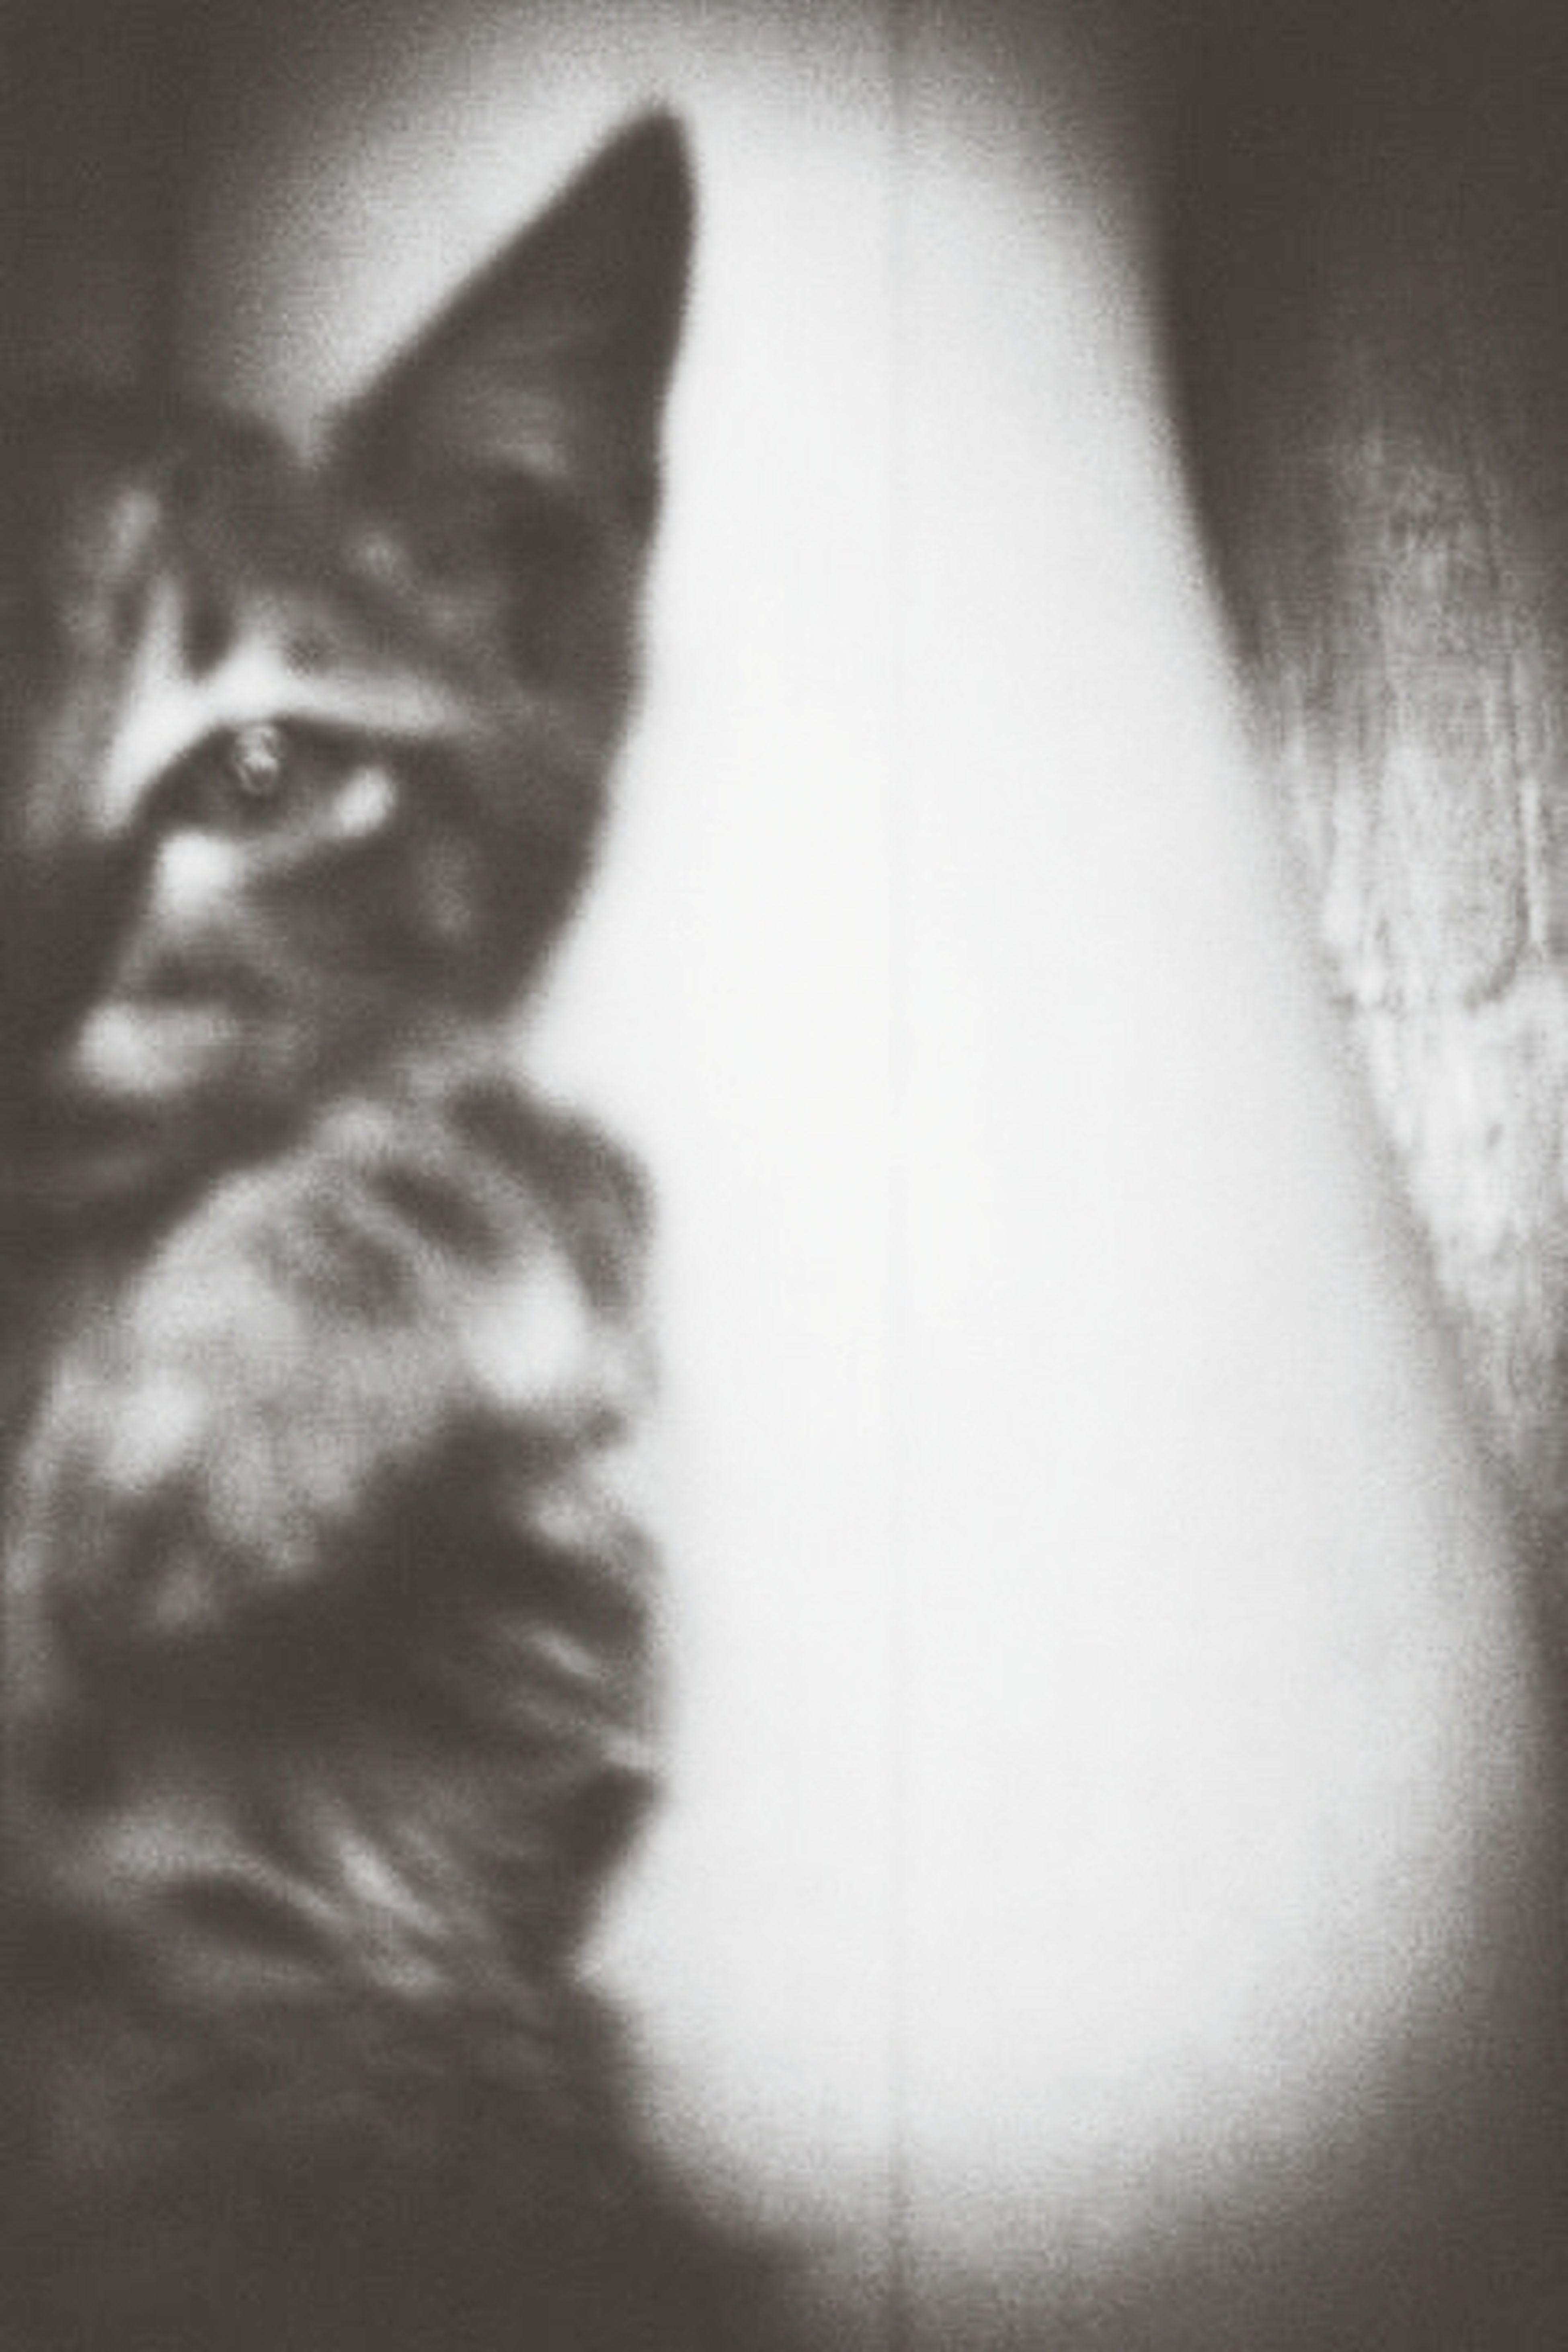 Kyung chul's youth Vintageperfection Hipstacats Eyeemcats Holga135bc